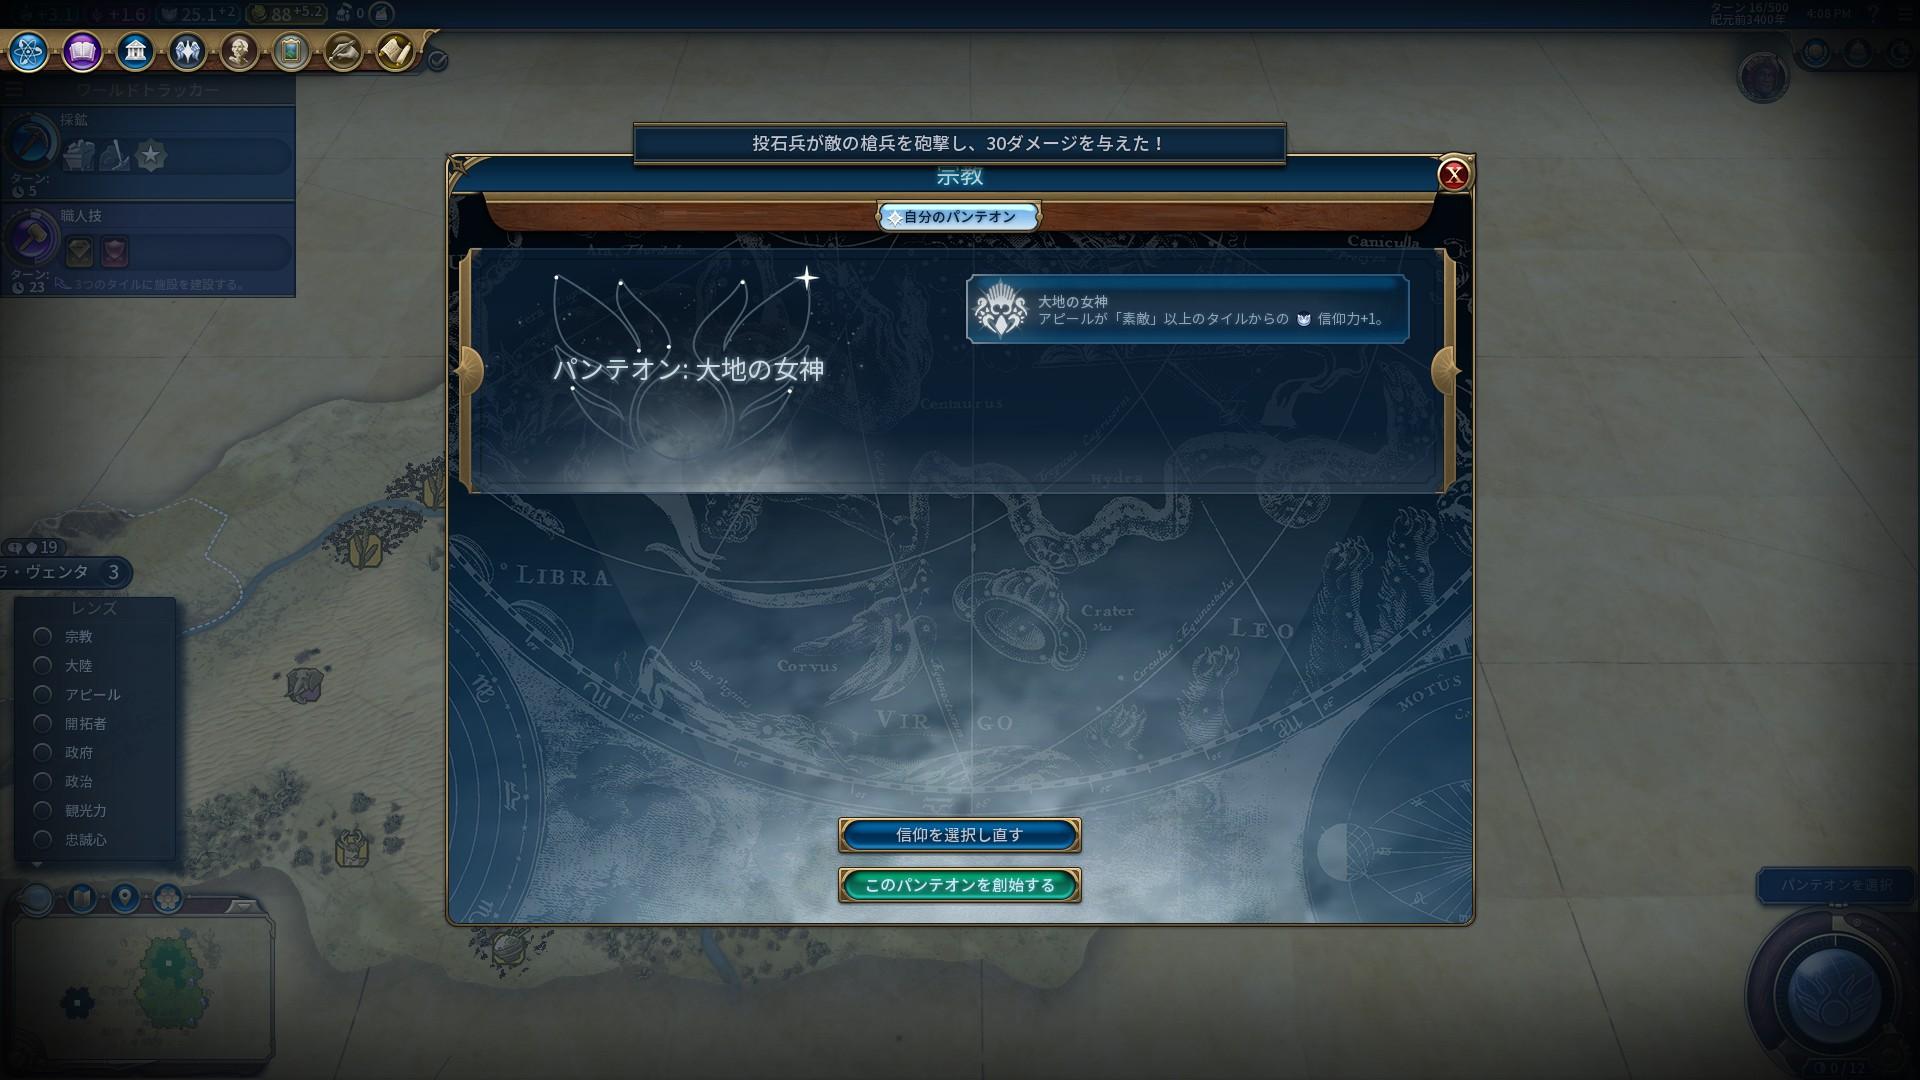 07_最強パンテオン.jpg